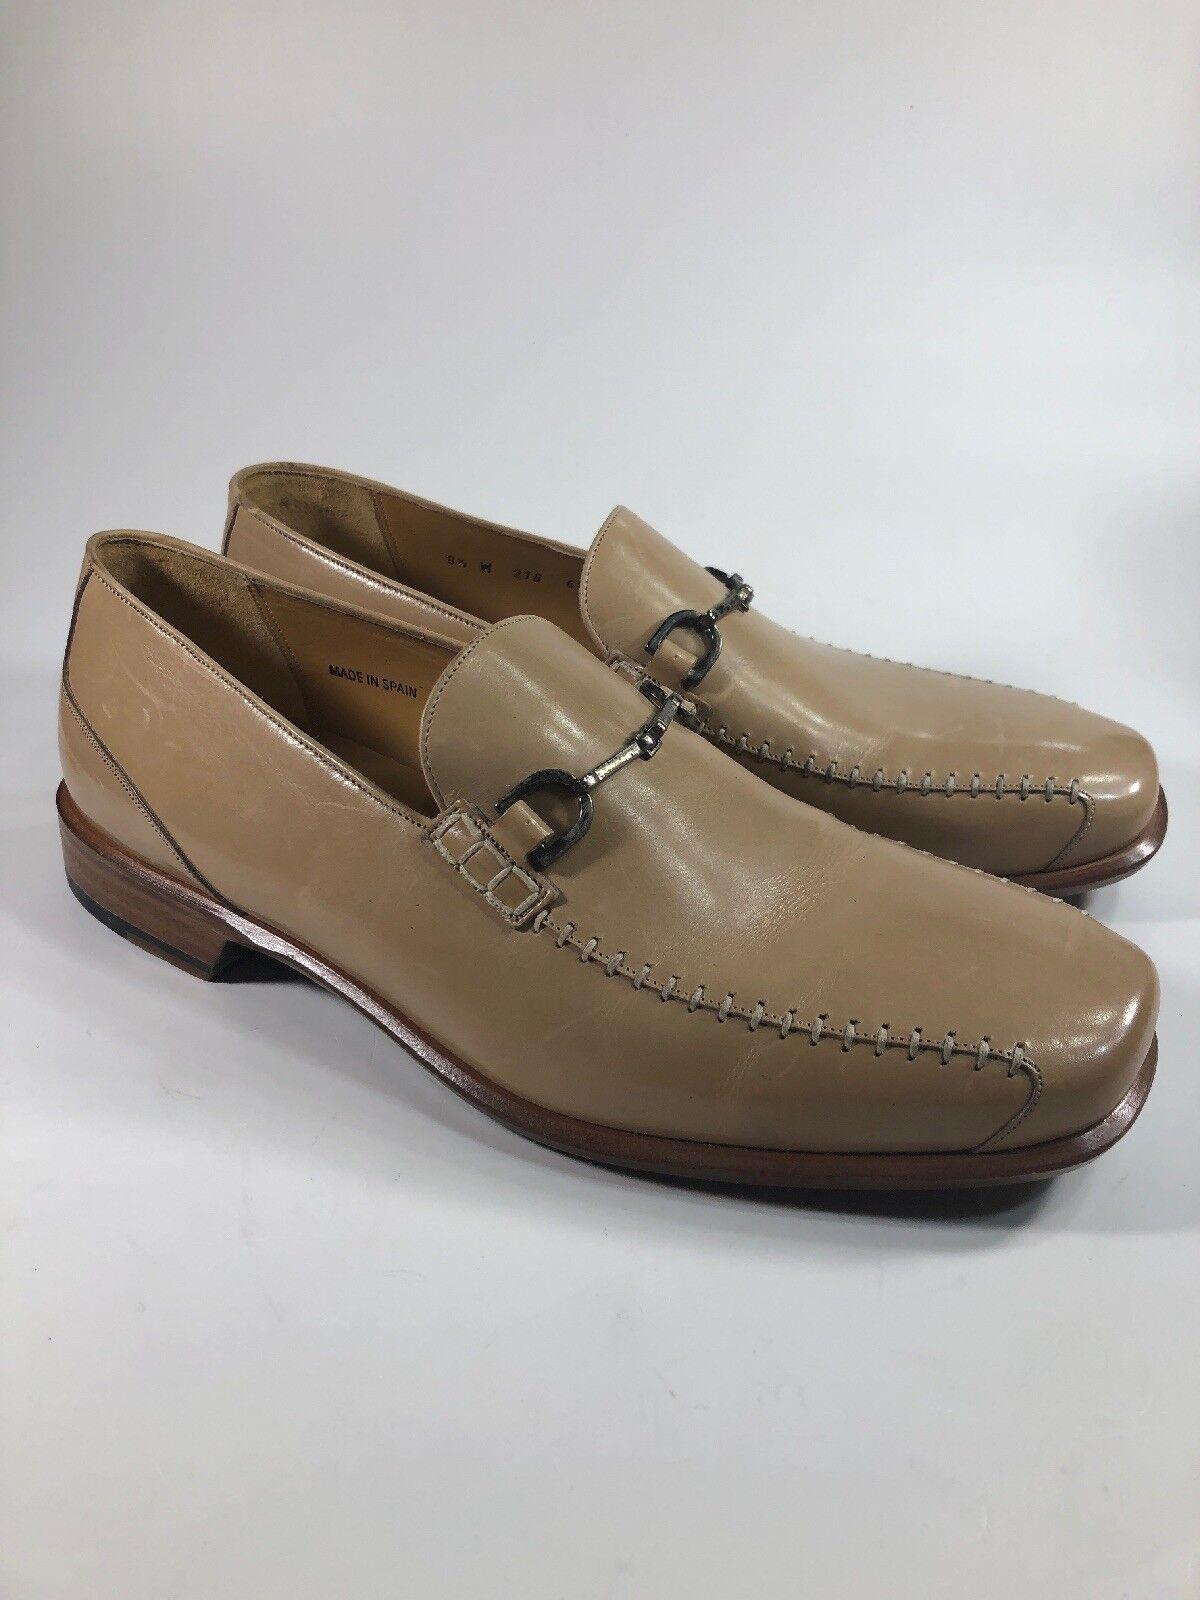 Giorgios Palm Playa nuevos Mocasines Cuero Tostado Bit de vestir Zapatos para hombre W